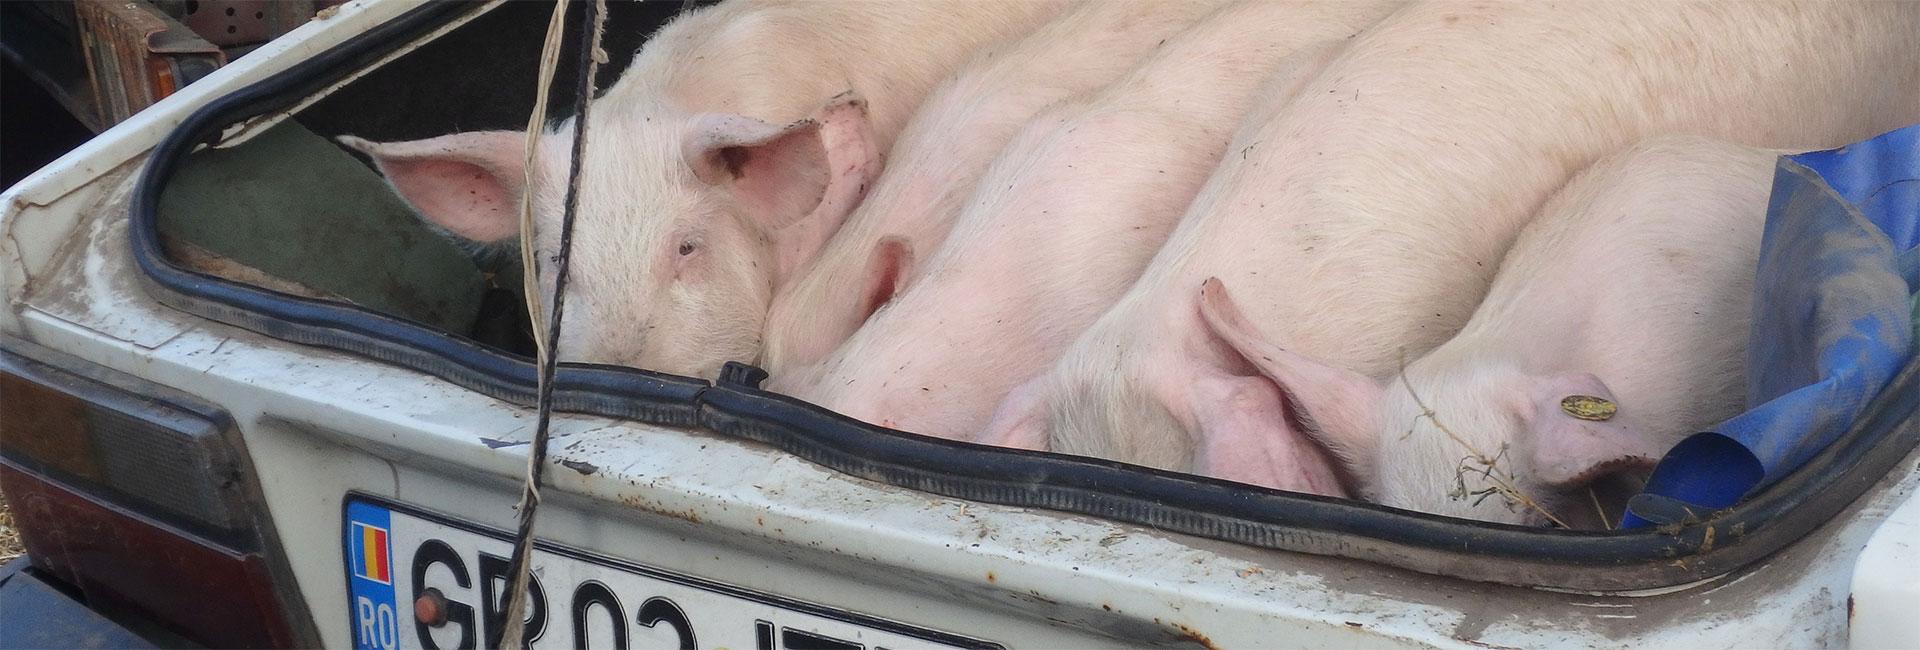 Tiermarkt in Rumänien: Schweine im Kofferraum eines Pkw